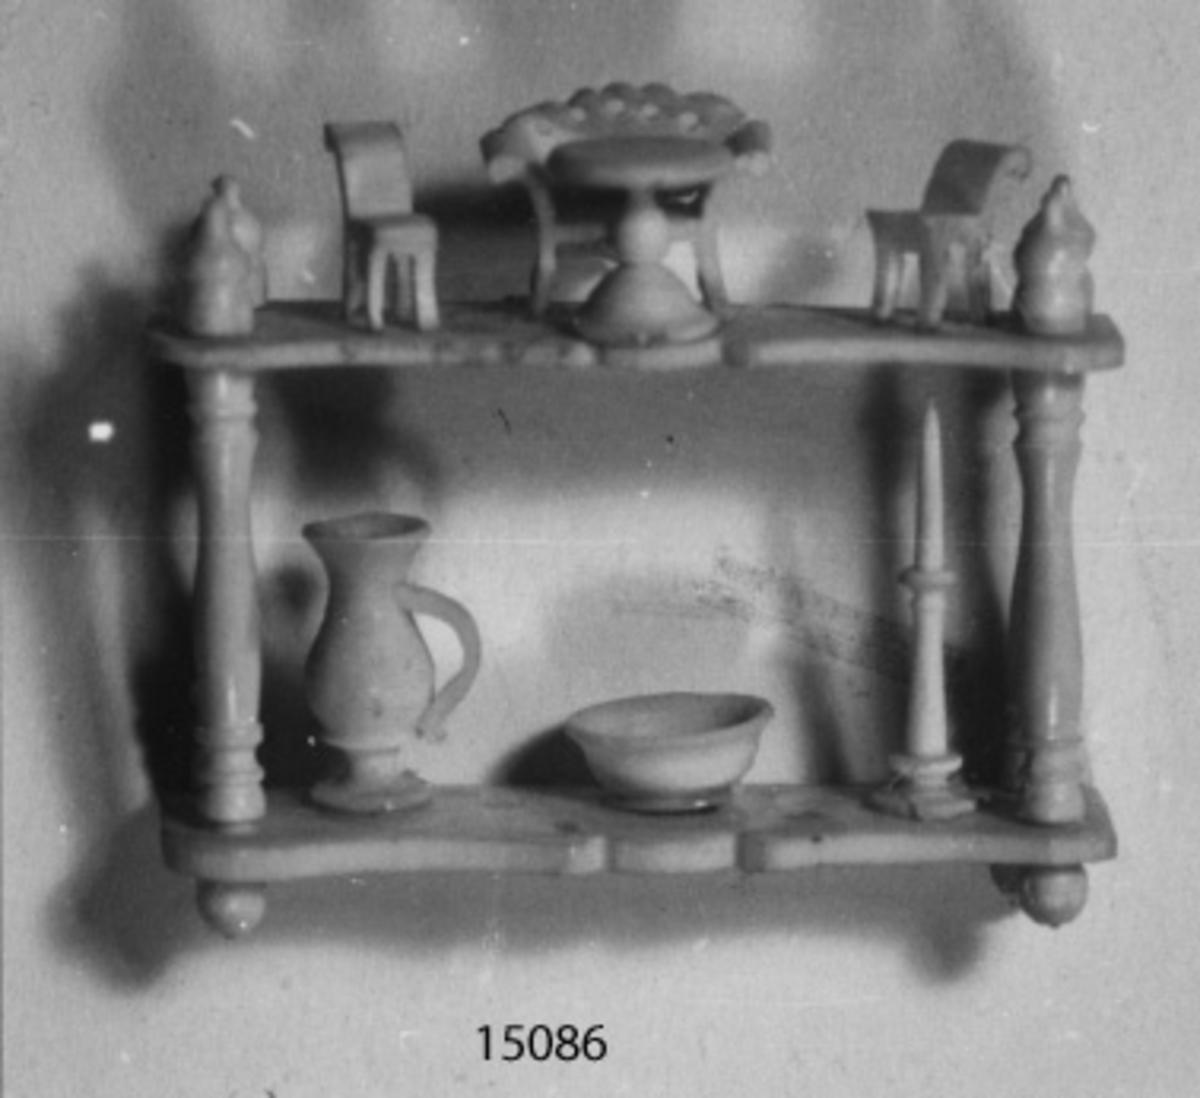 Scrimshaw (modell av atentienne). Sjömansarbete i ben i form av en atenienne med dockmöbler, kanna, skål och ljusstake.